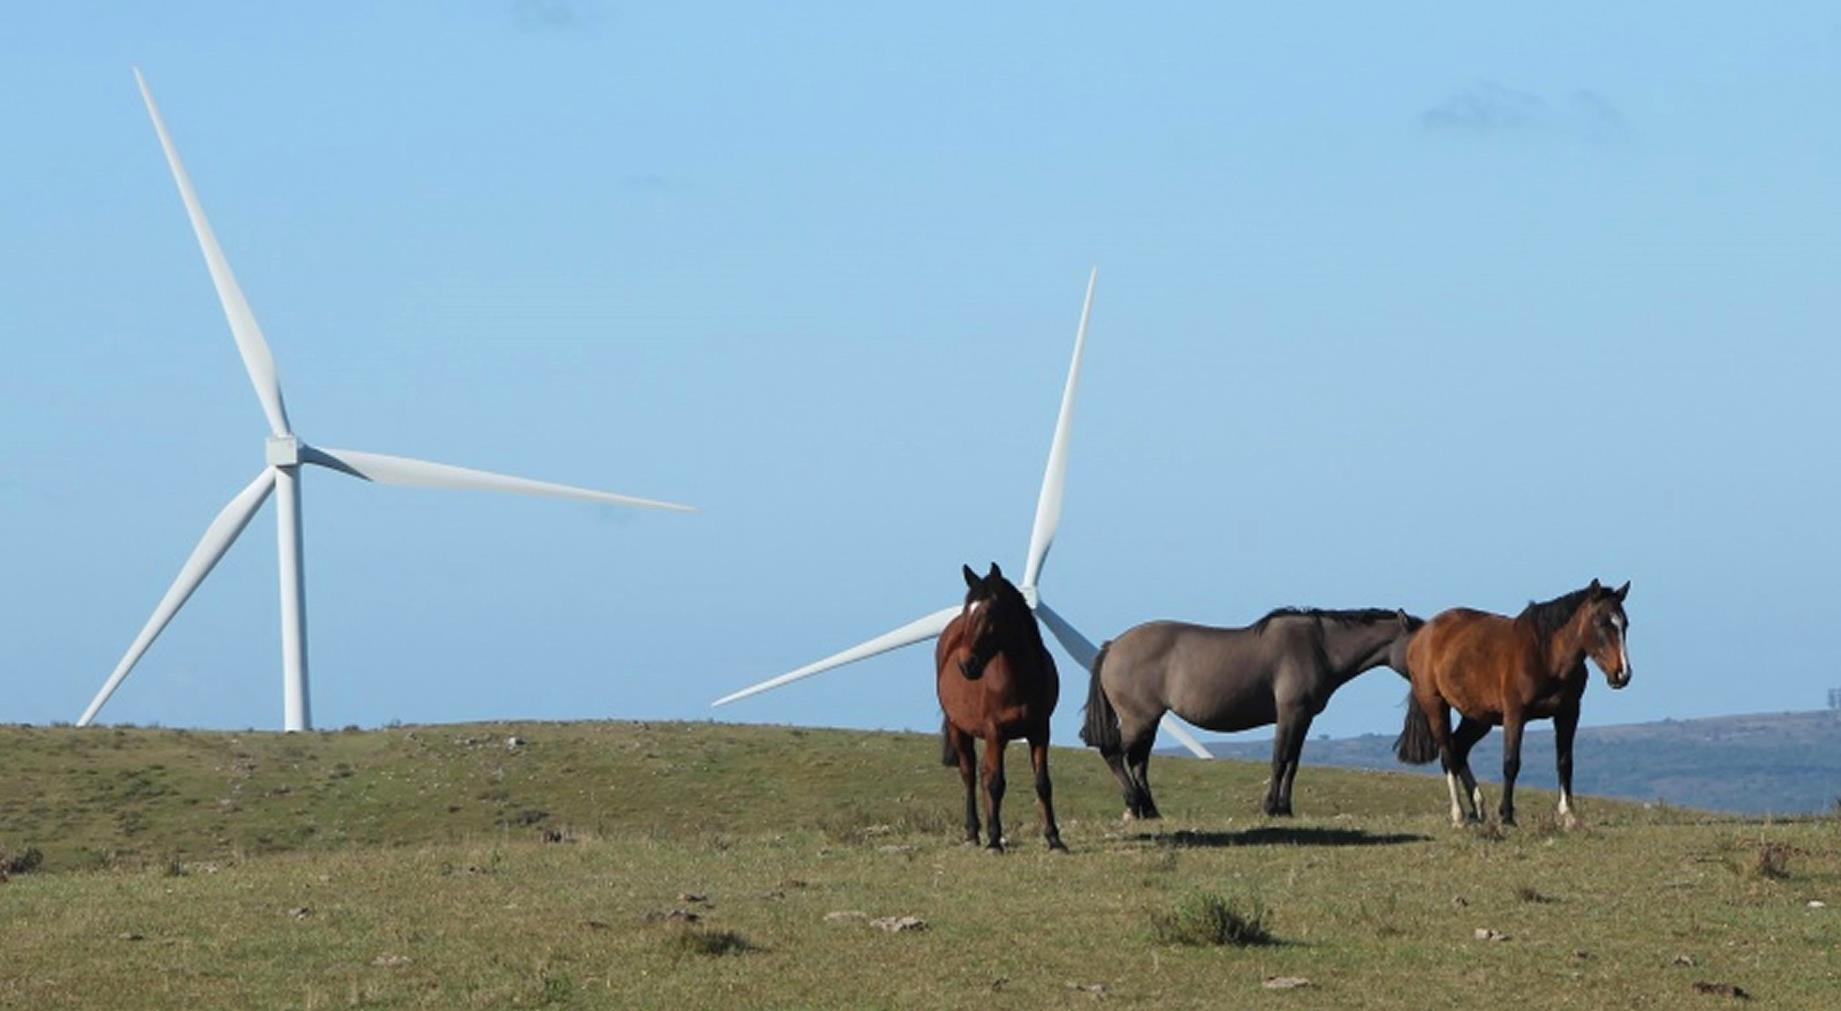 Wind turbines over an Uruguayan landscape.